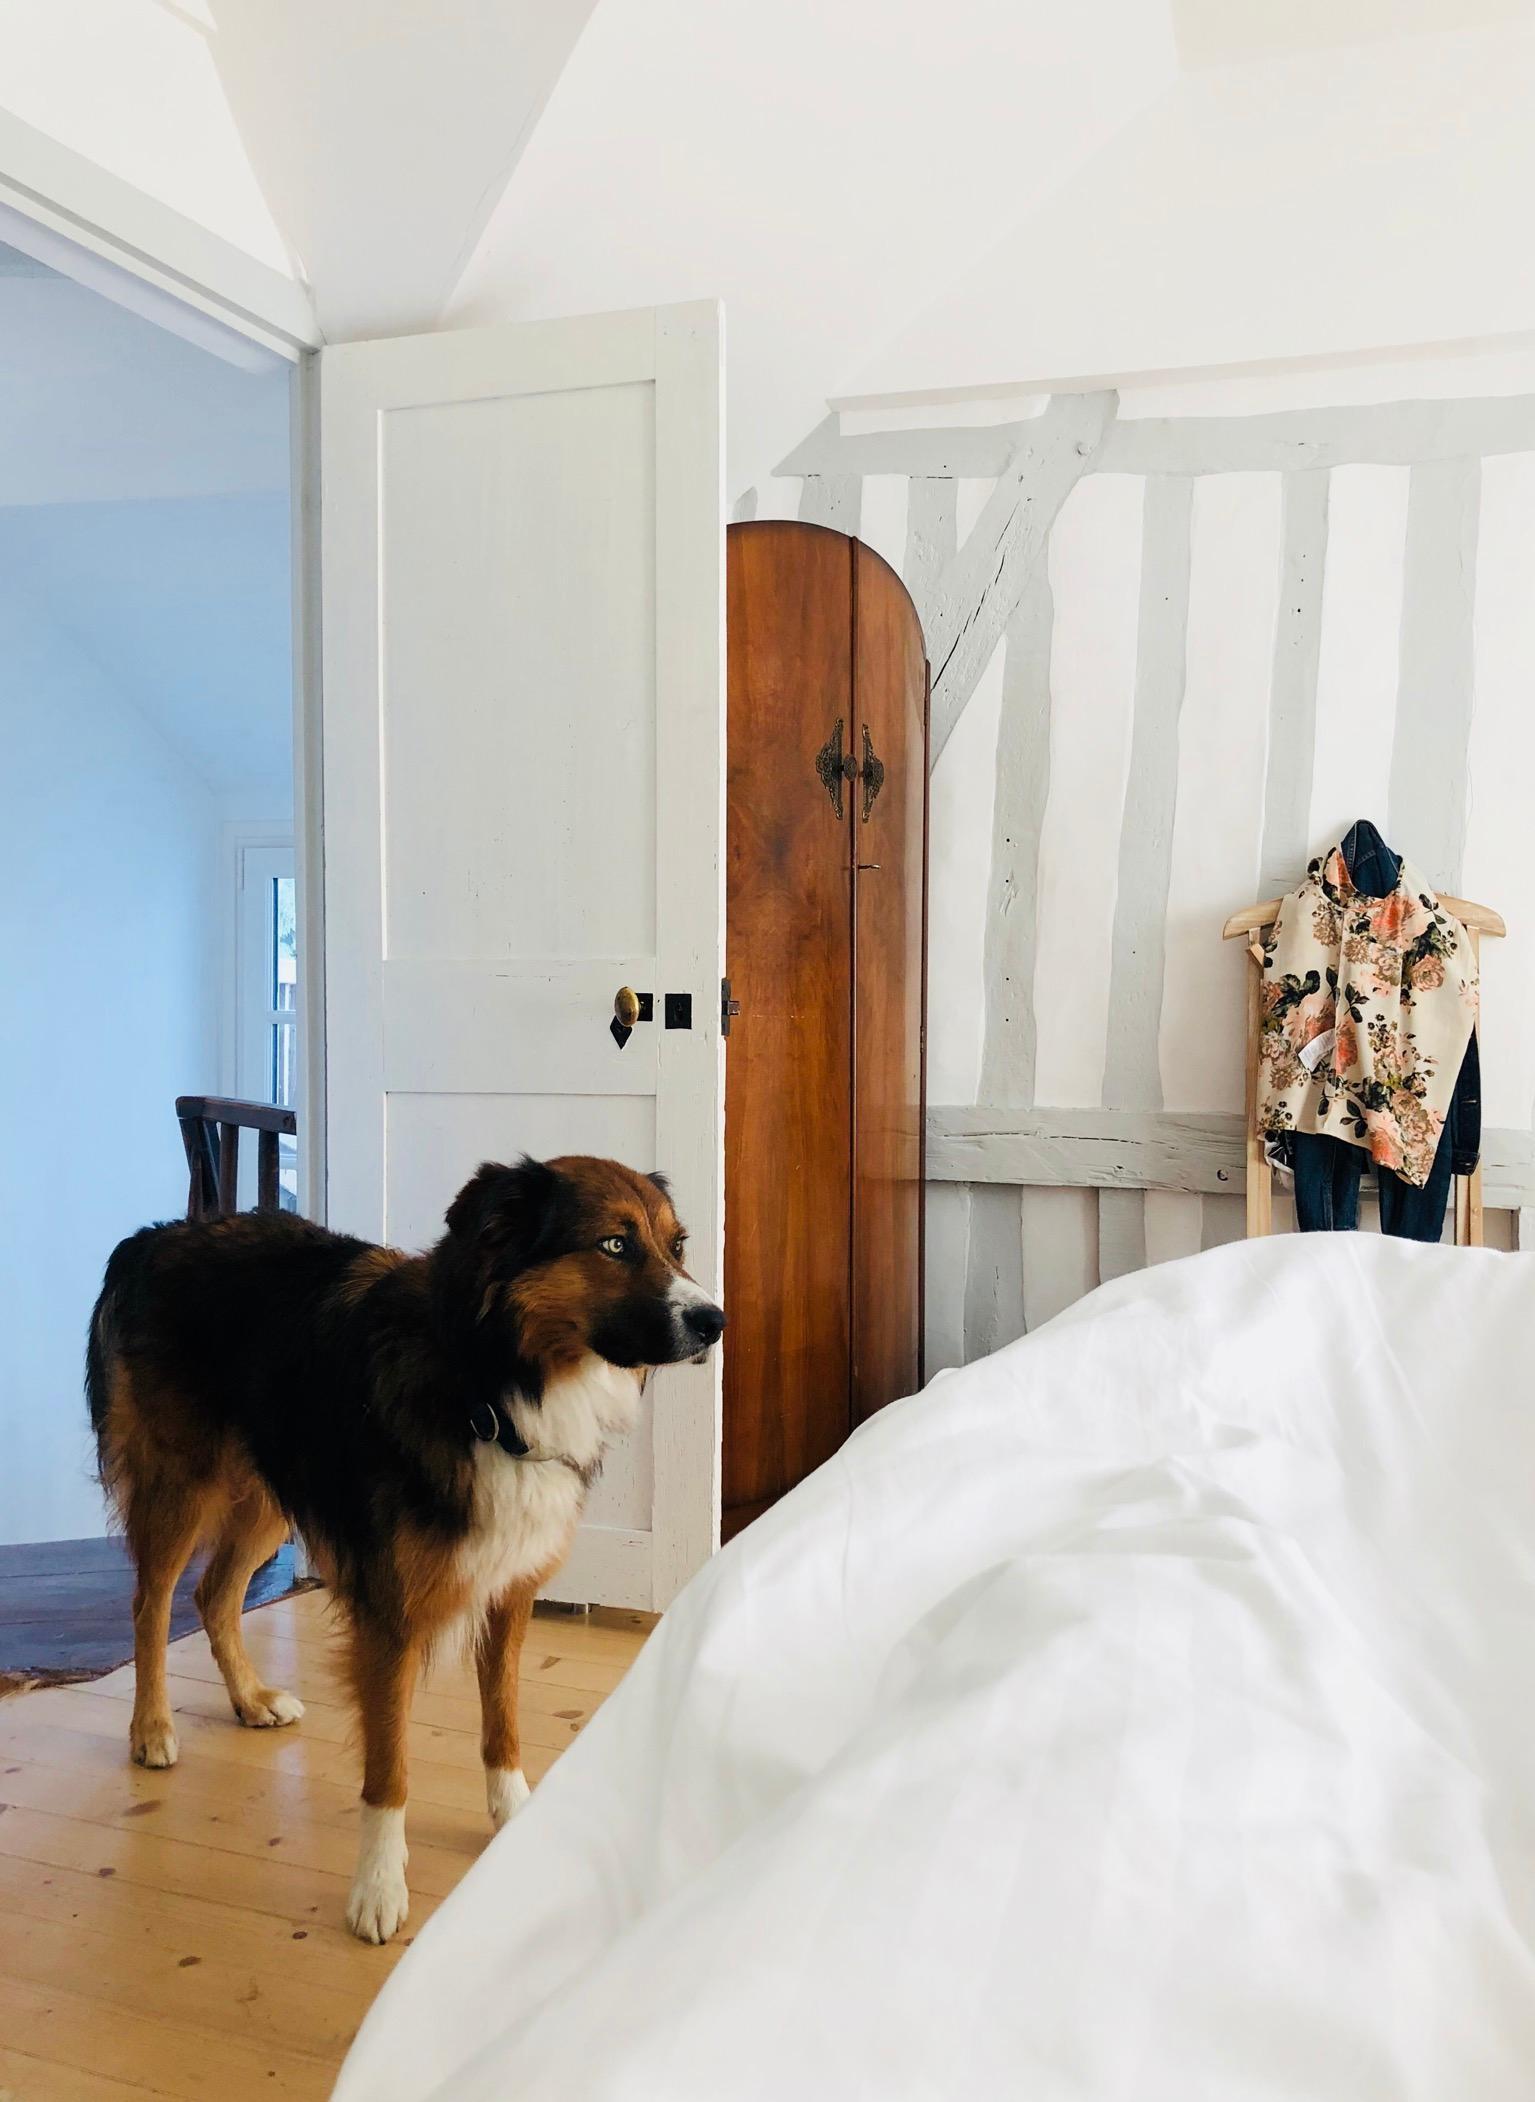 Unser Tierischer Wecker In Unserem Haeuschen In Der Normandie Schlafzimmer  Fachwerkhaus Cottage Bett 4571857c 035d 4cbe